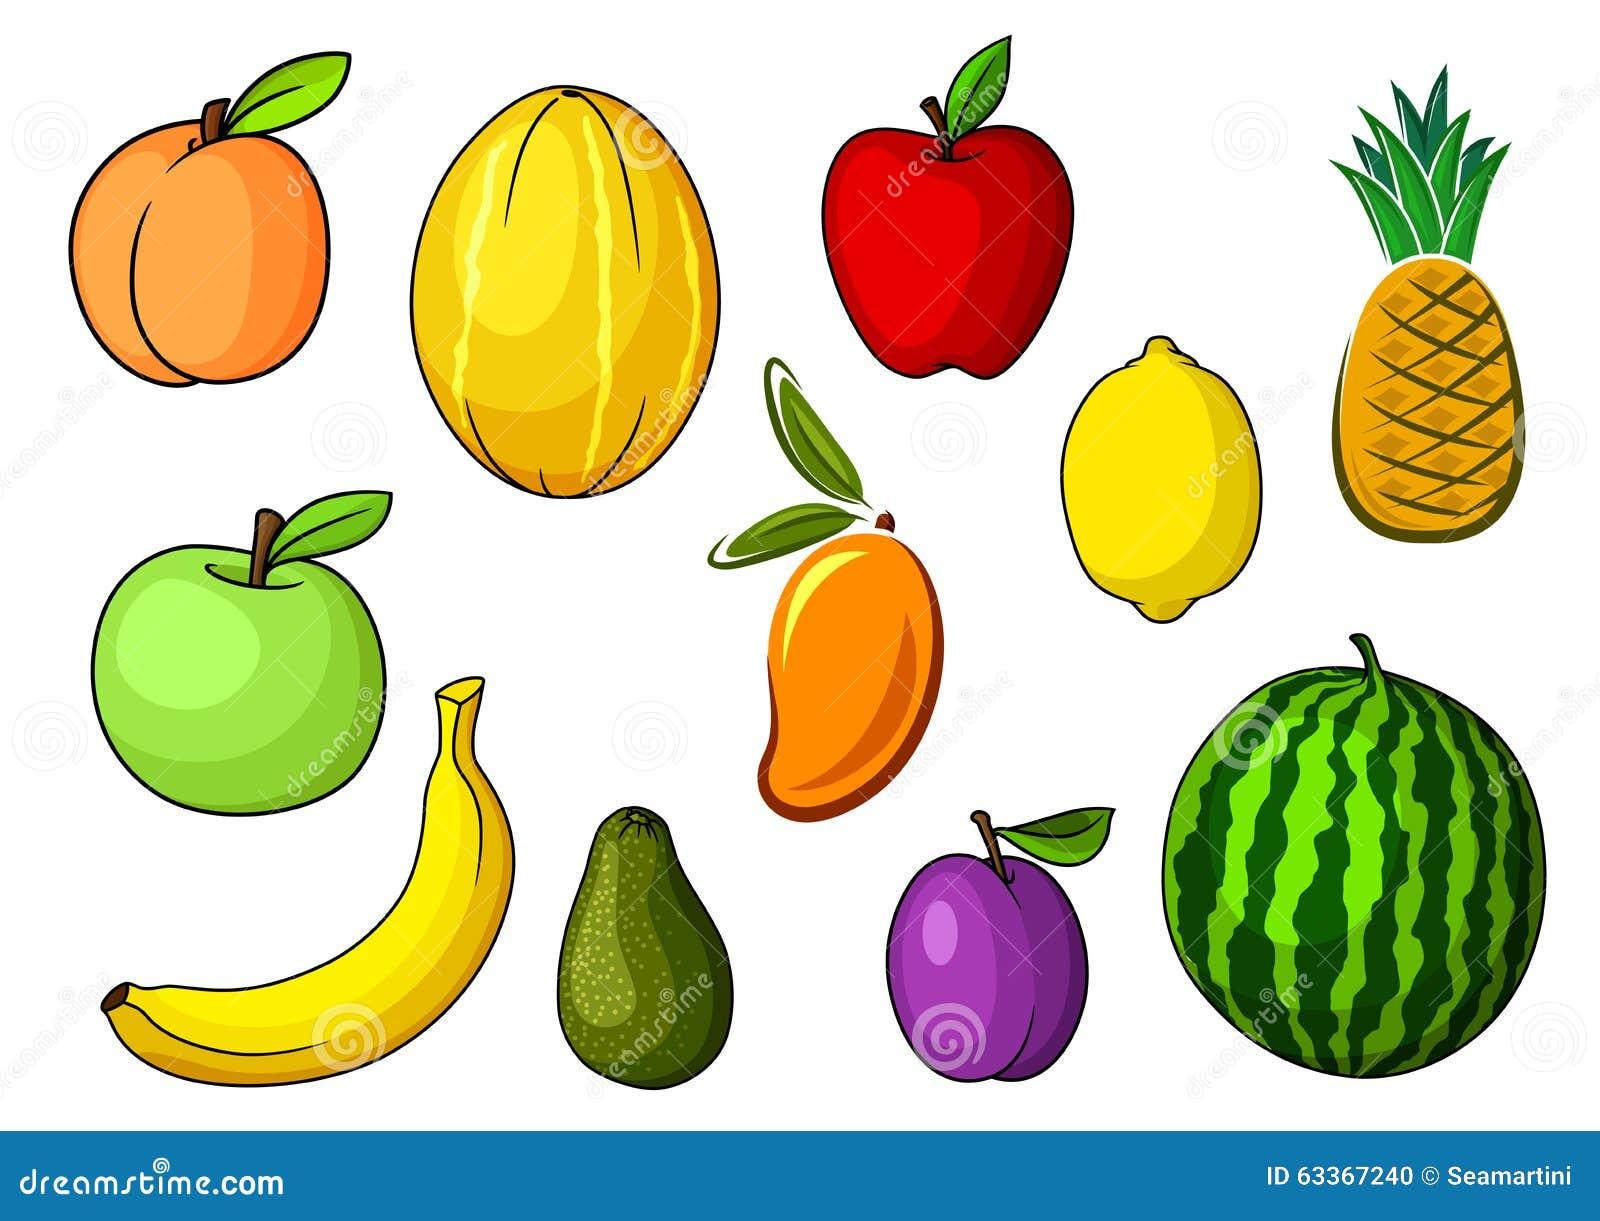 Imagenes Animadas De Arboles De Mango: Farm Colorful Sweet Fruits In Cartoon Style Stock Vector